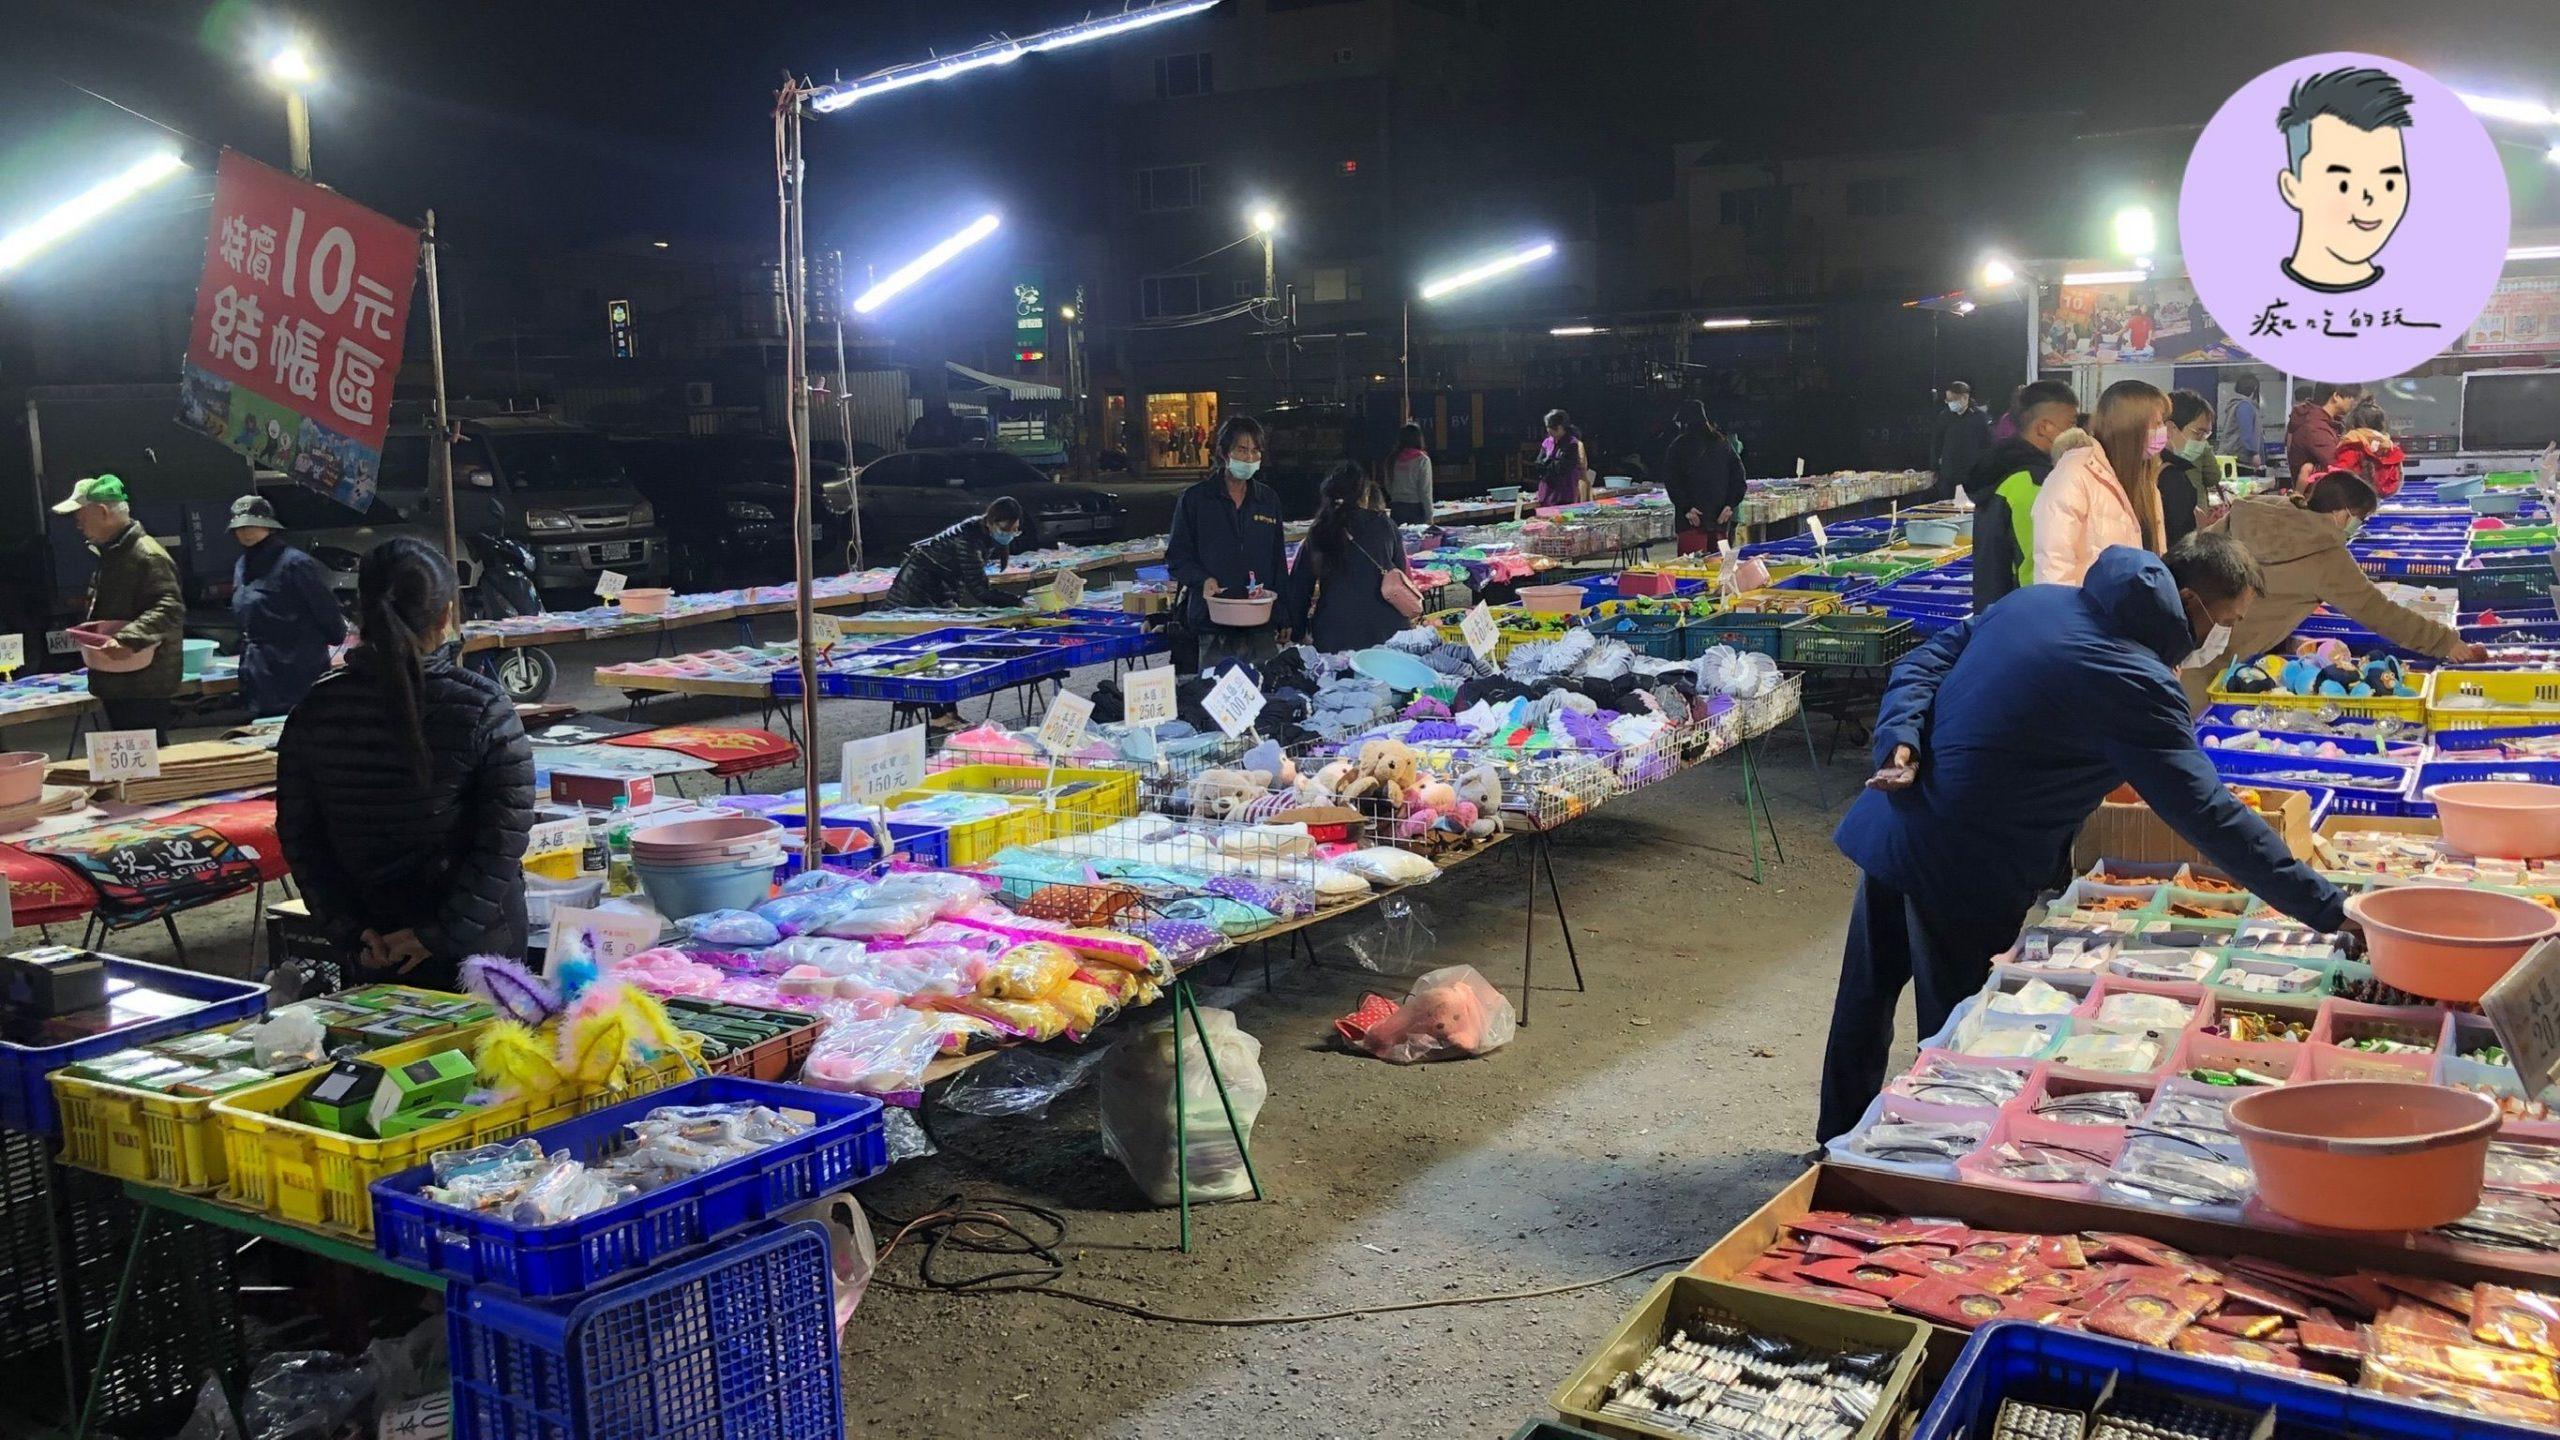 老闆太狂了!台南最便宜【10元五金百貨】就是這間!! 超過百種商品通通10元起 俗到爆失心瘋買起來